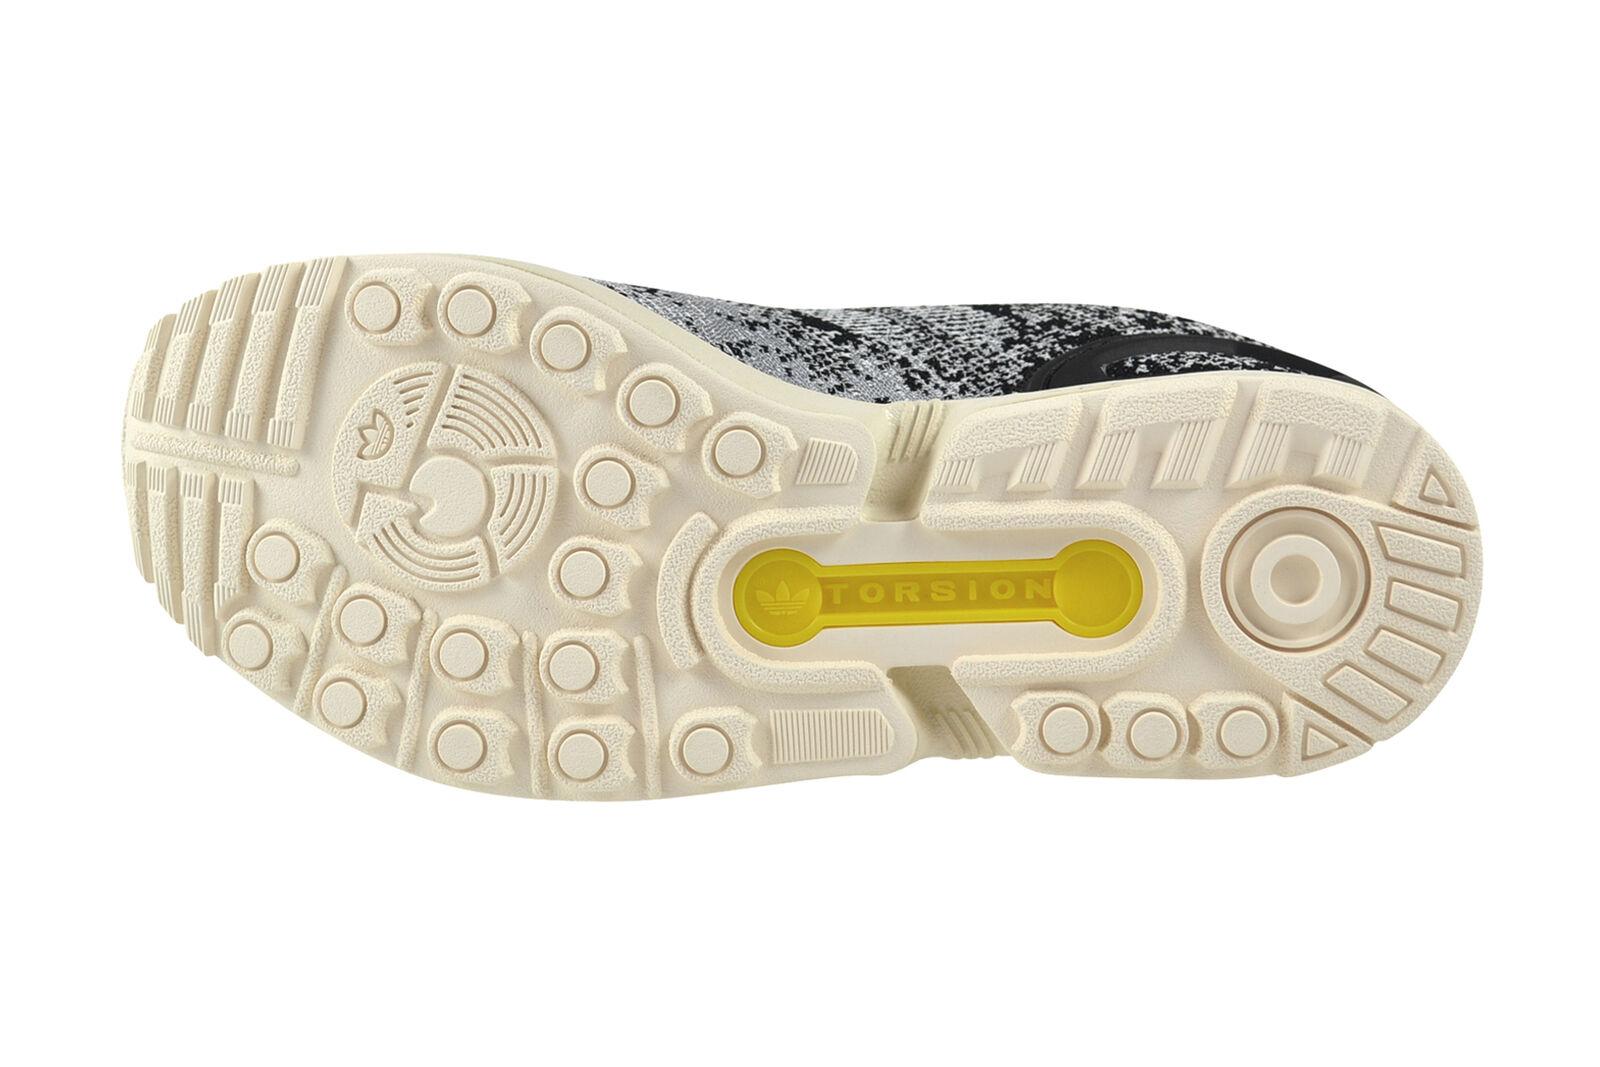 ADIDAS ZX FLUX WEAVE tori Sion Sion Sion ltonix cnero ftwwht Scarpe scarpe da ginnastica Grigio b23601 | Online Store  f0fa54